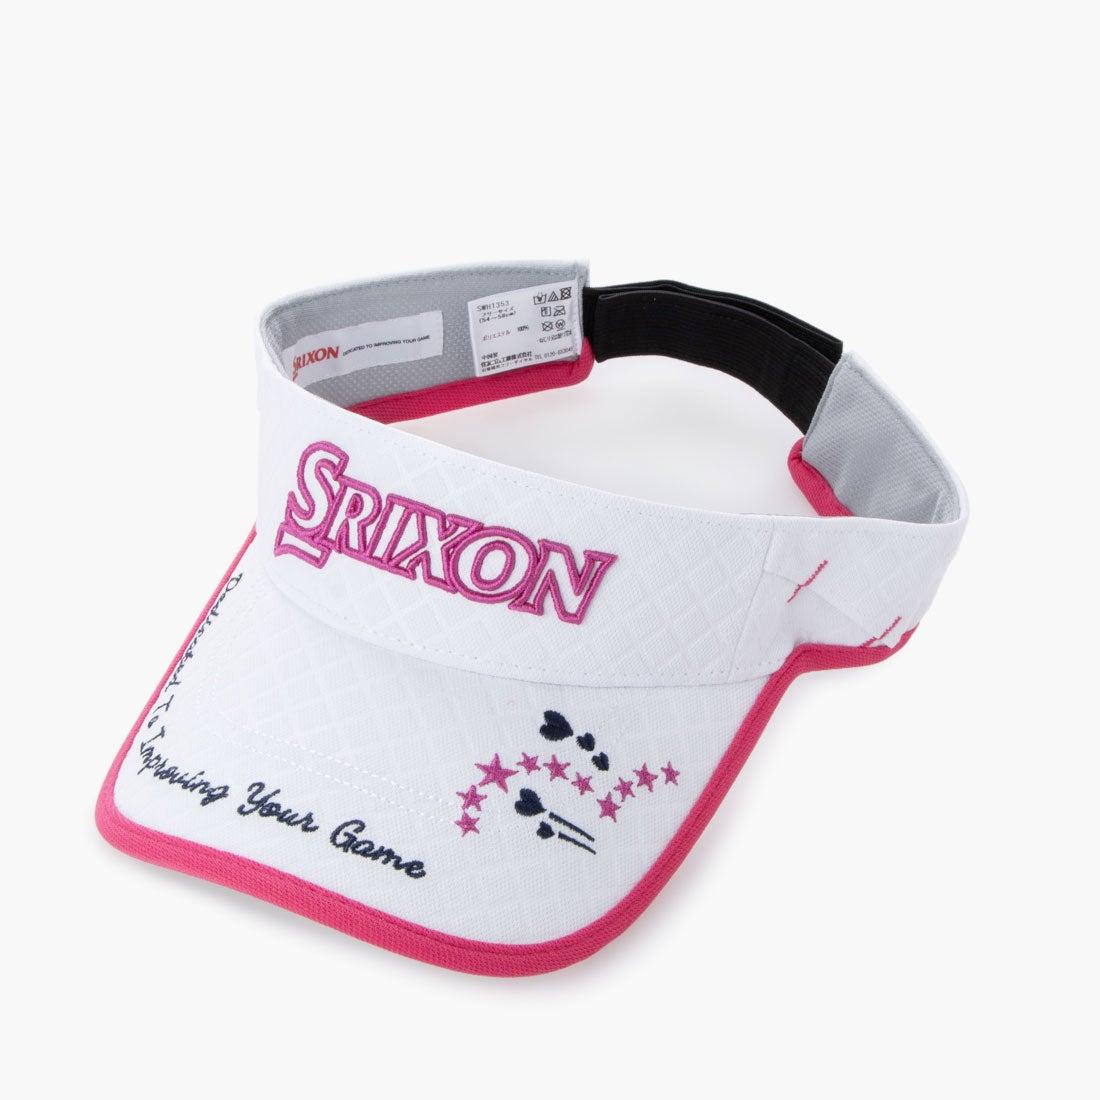 スリクソン SRIXON レディース ゴルフ サンバイザー SRIXONレディスバイザー SWH1353 SWH1353 (ホワイト)